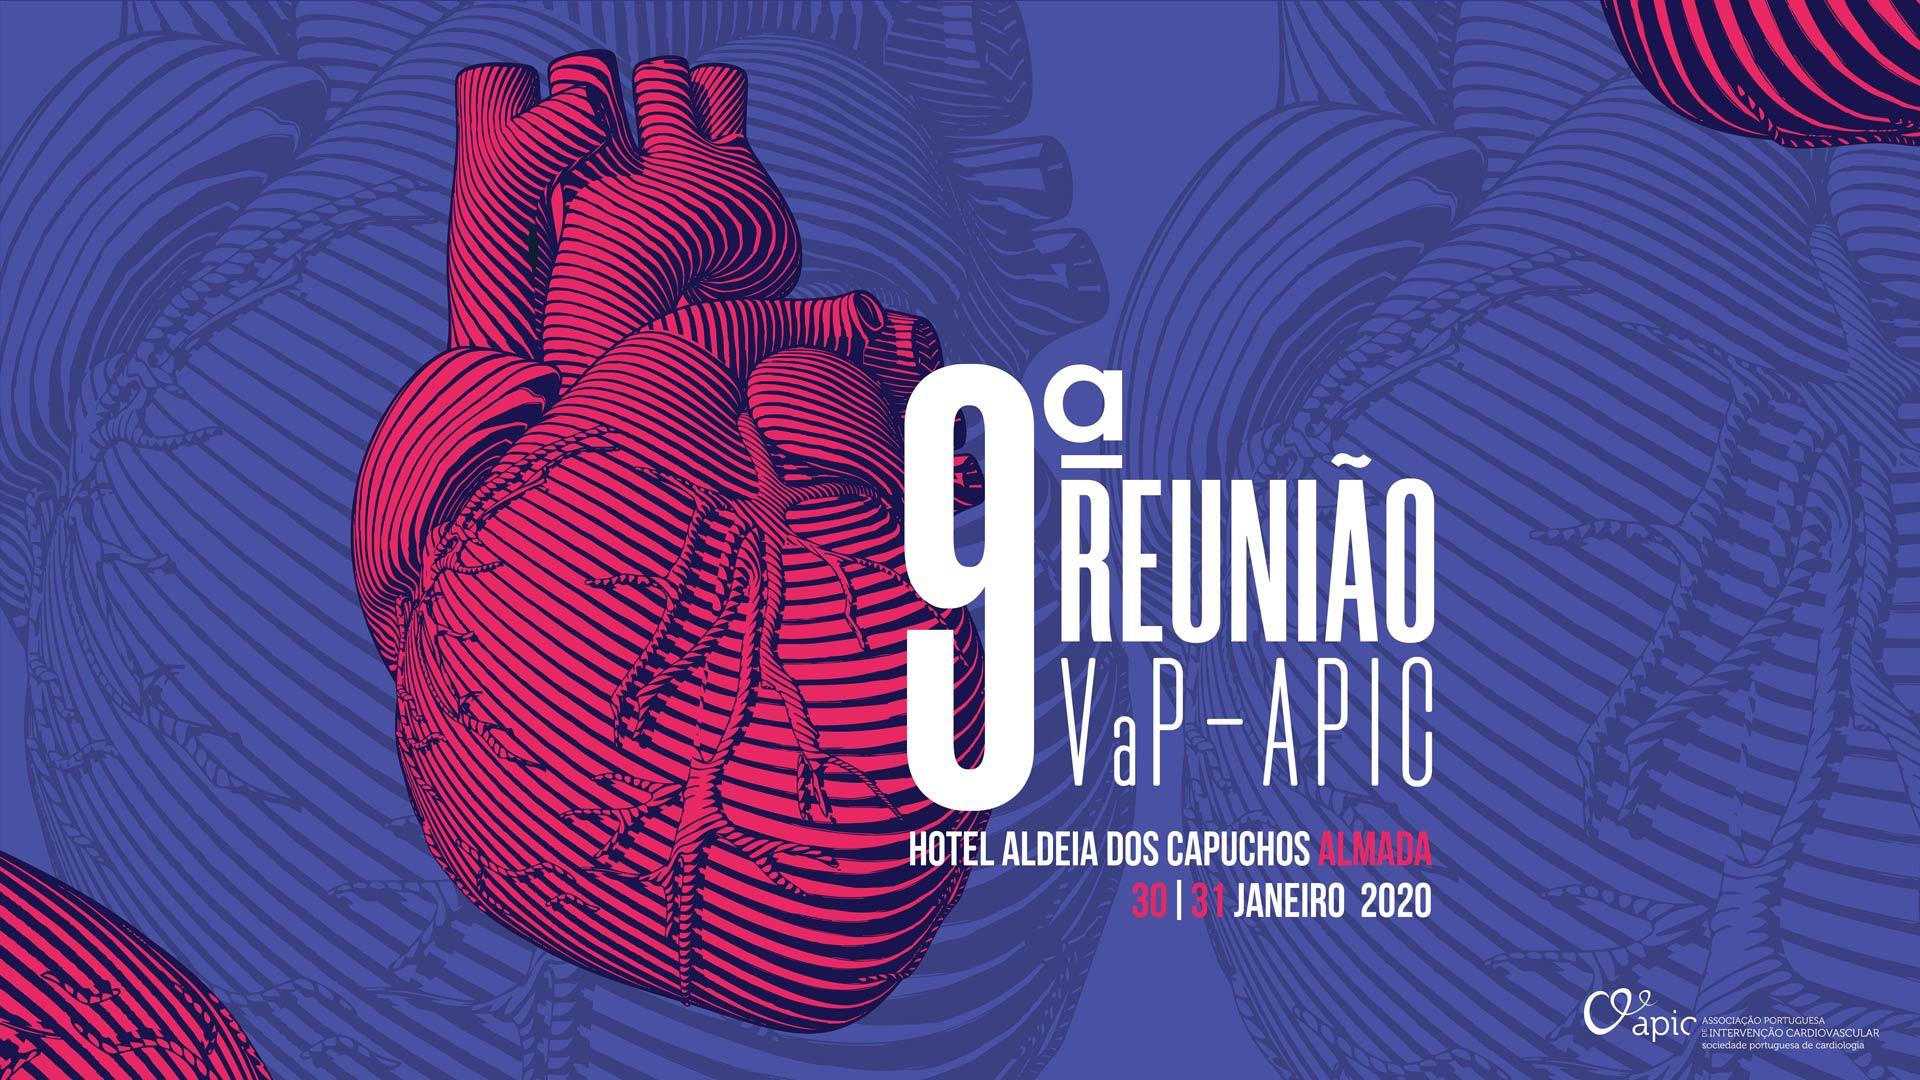 Imagem-9-Reuniao-VaP-APIC